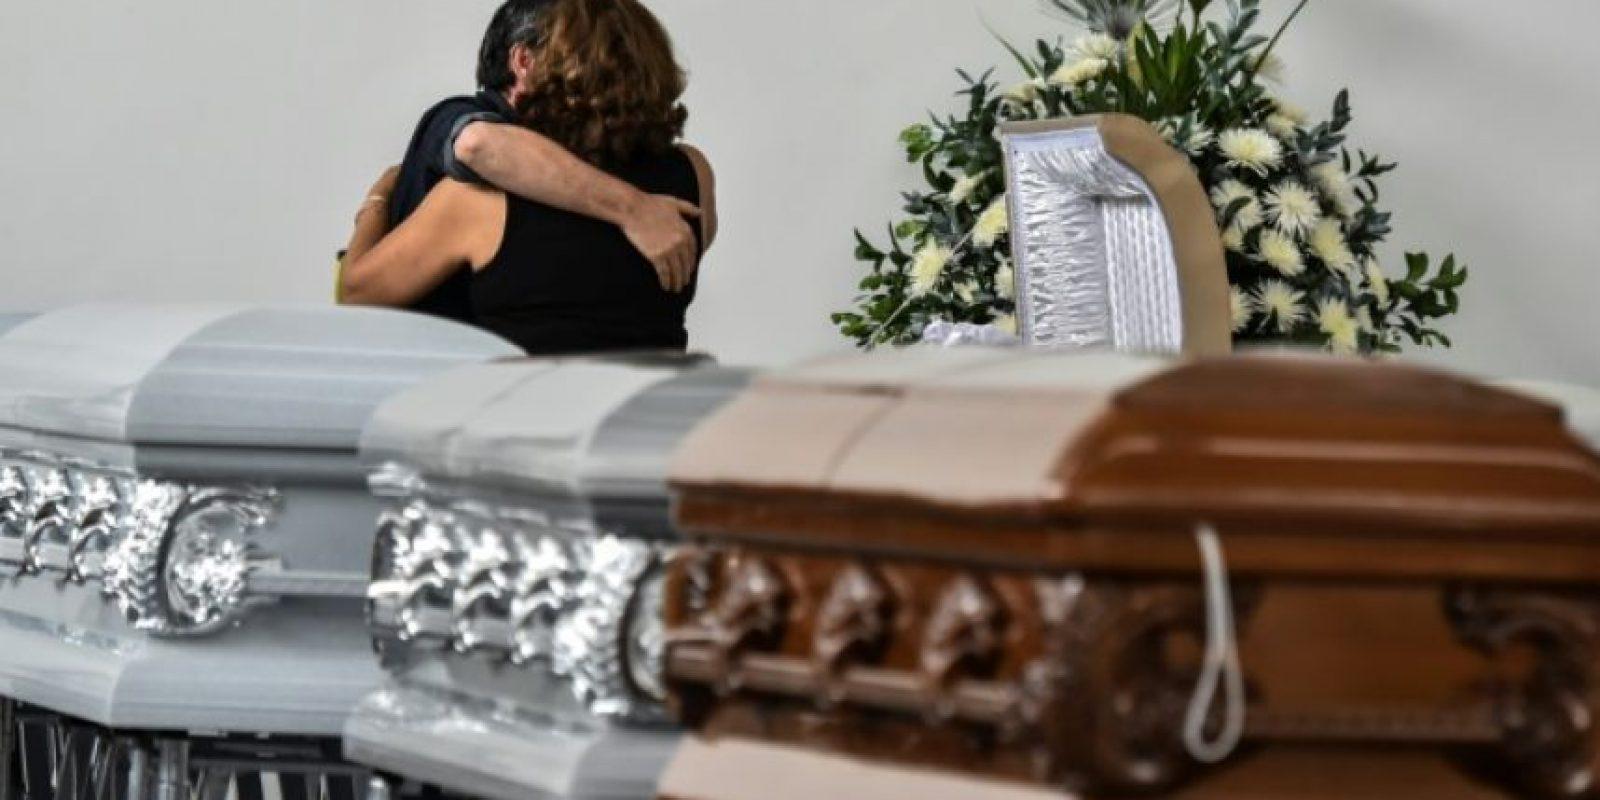 Familiares de Nilson Junior Folle, uno de los jugadores de Chapecoense muerto en el accidente aéreo, lloran su pérdida en San Vicente, Medellín, Colombia, el 30 de noviembre de 2016 Foto:LUIS ACOSTA/afp.com